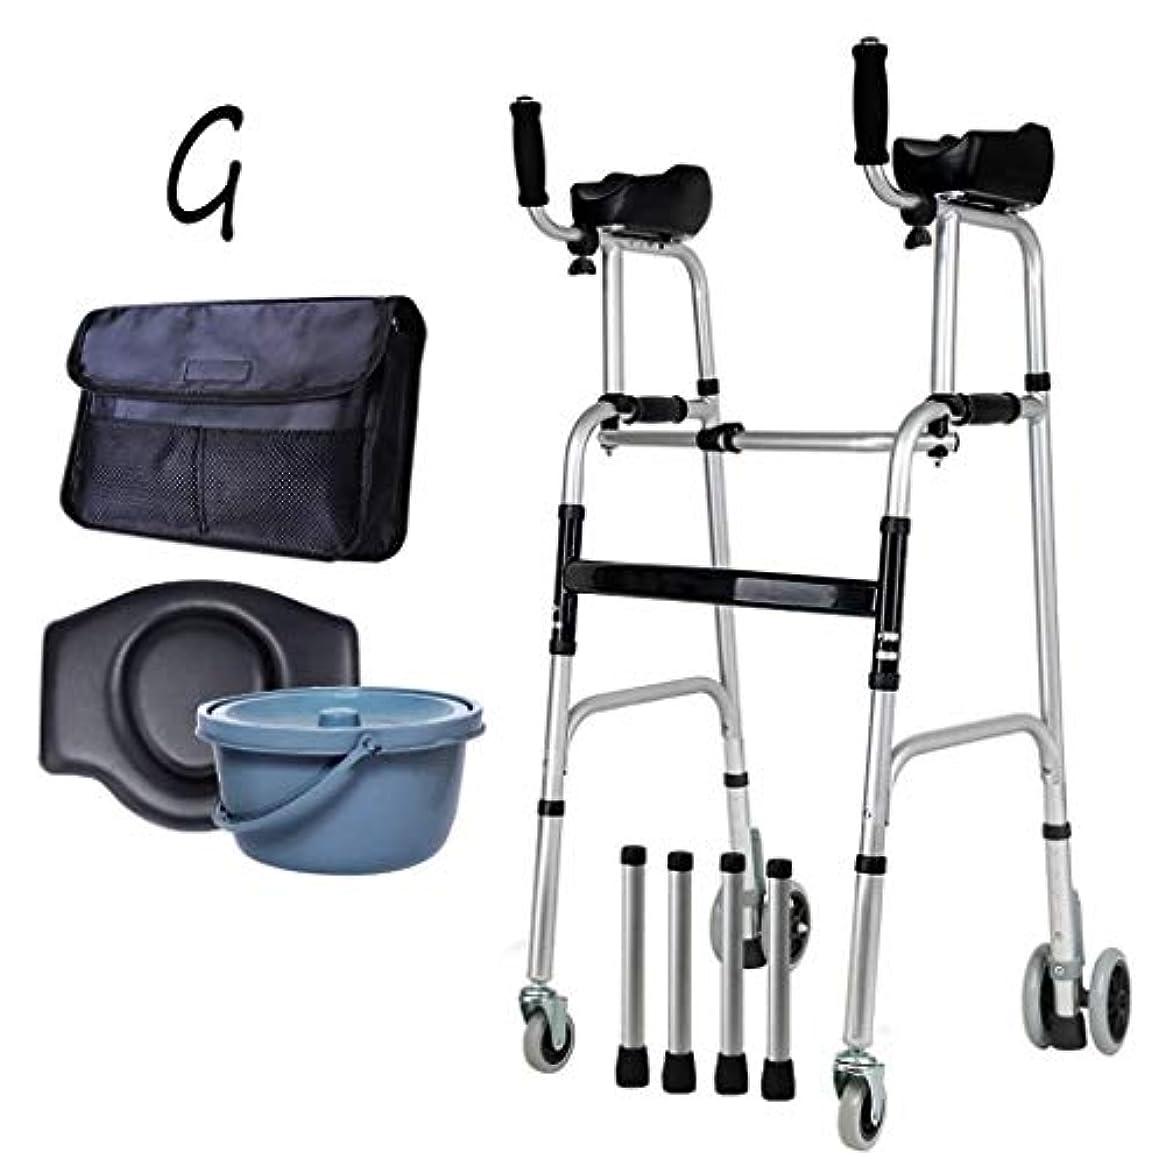 歩行器 (ドラッグストア) シニアウォーキングフレームアームレストクッション/折りたたみ式軽量アルミニウムウォーカー付きランニングフレーム-高さ調整可能-トイレフレーム、トイレアームレスト-高齢者用歩行補助装置